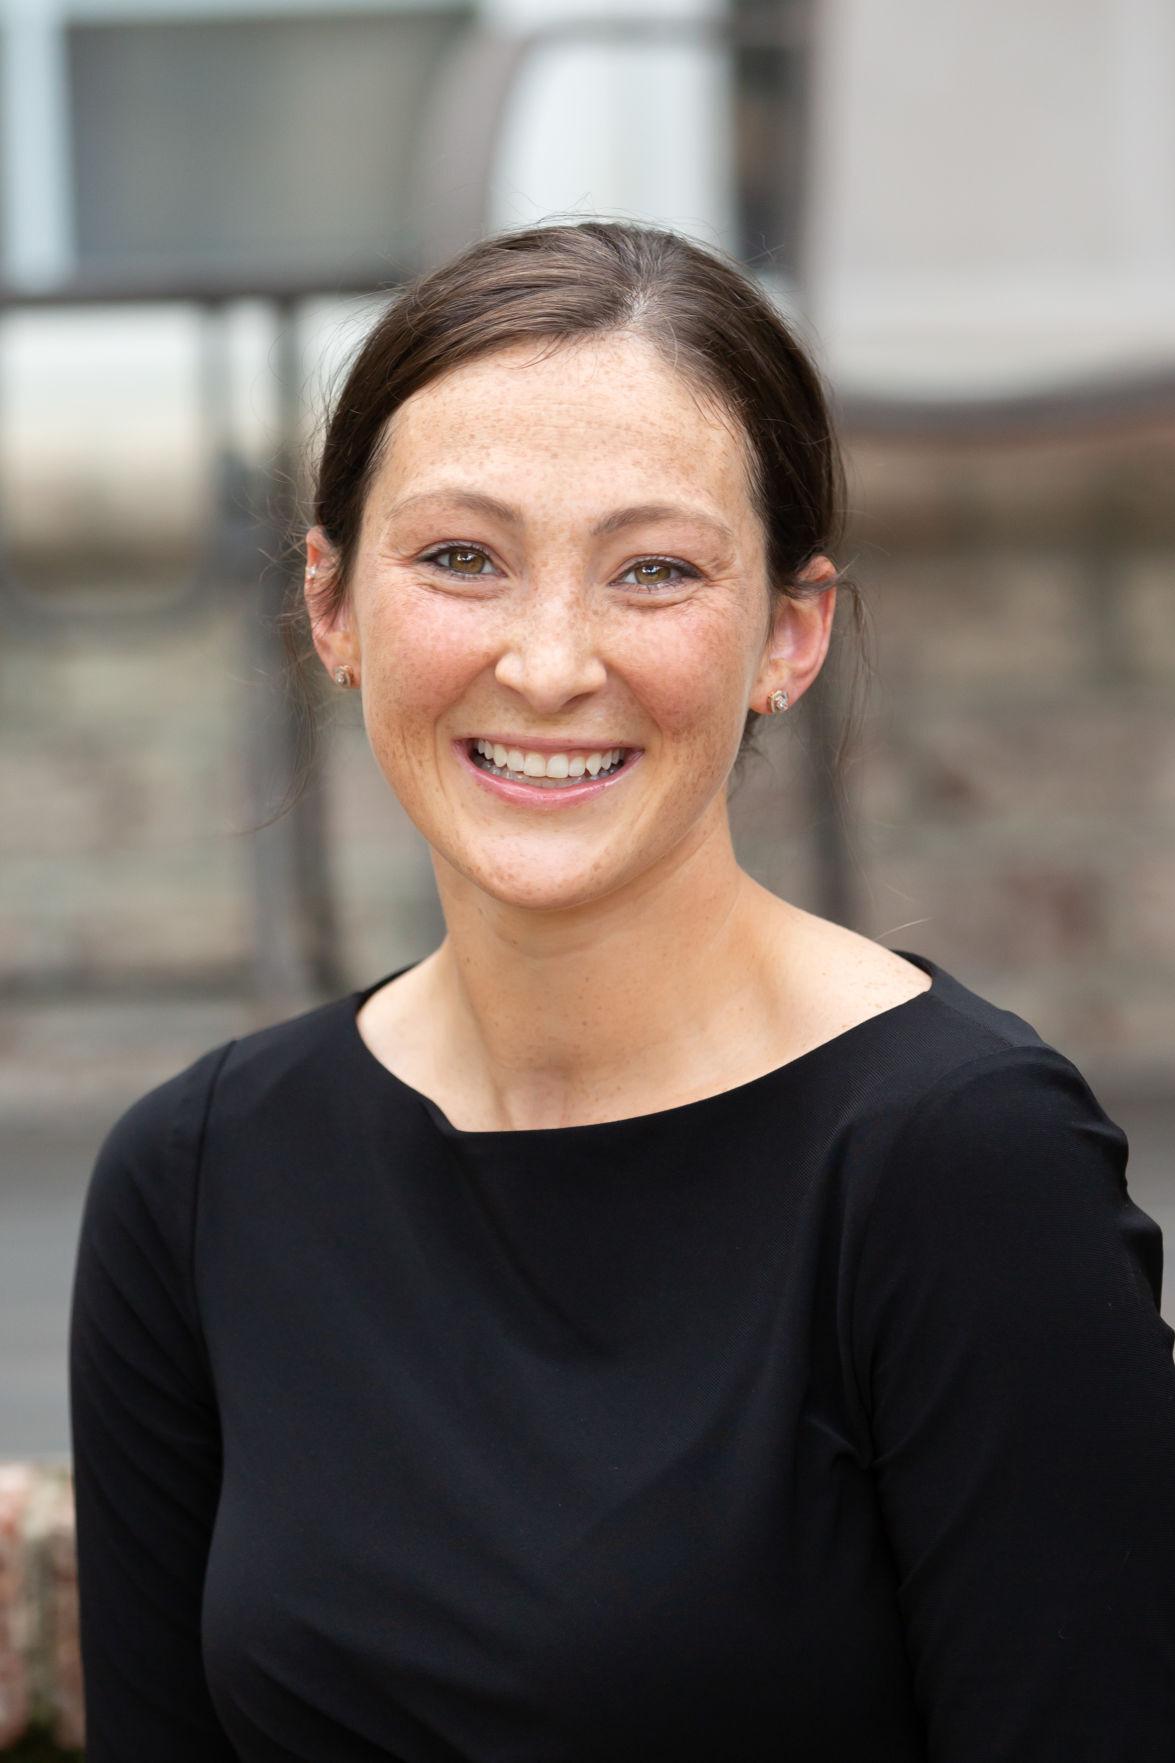 Cassie Hoyt, children's author